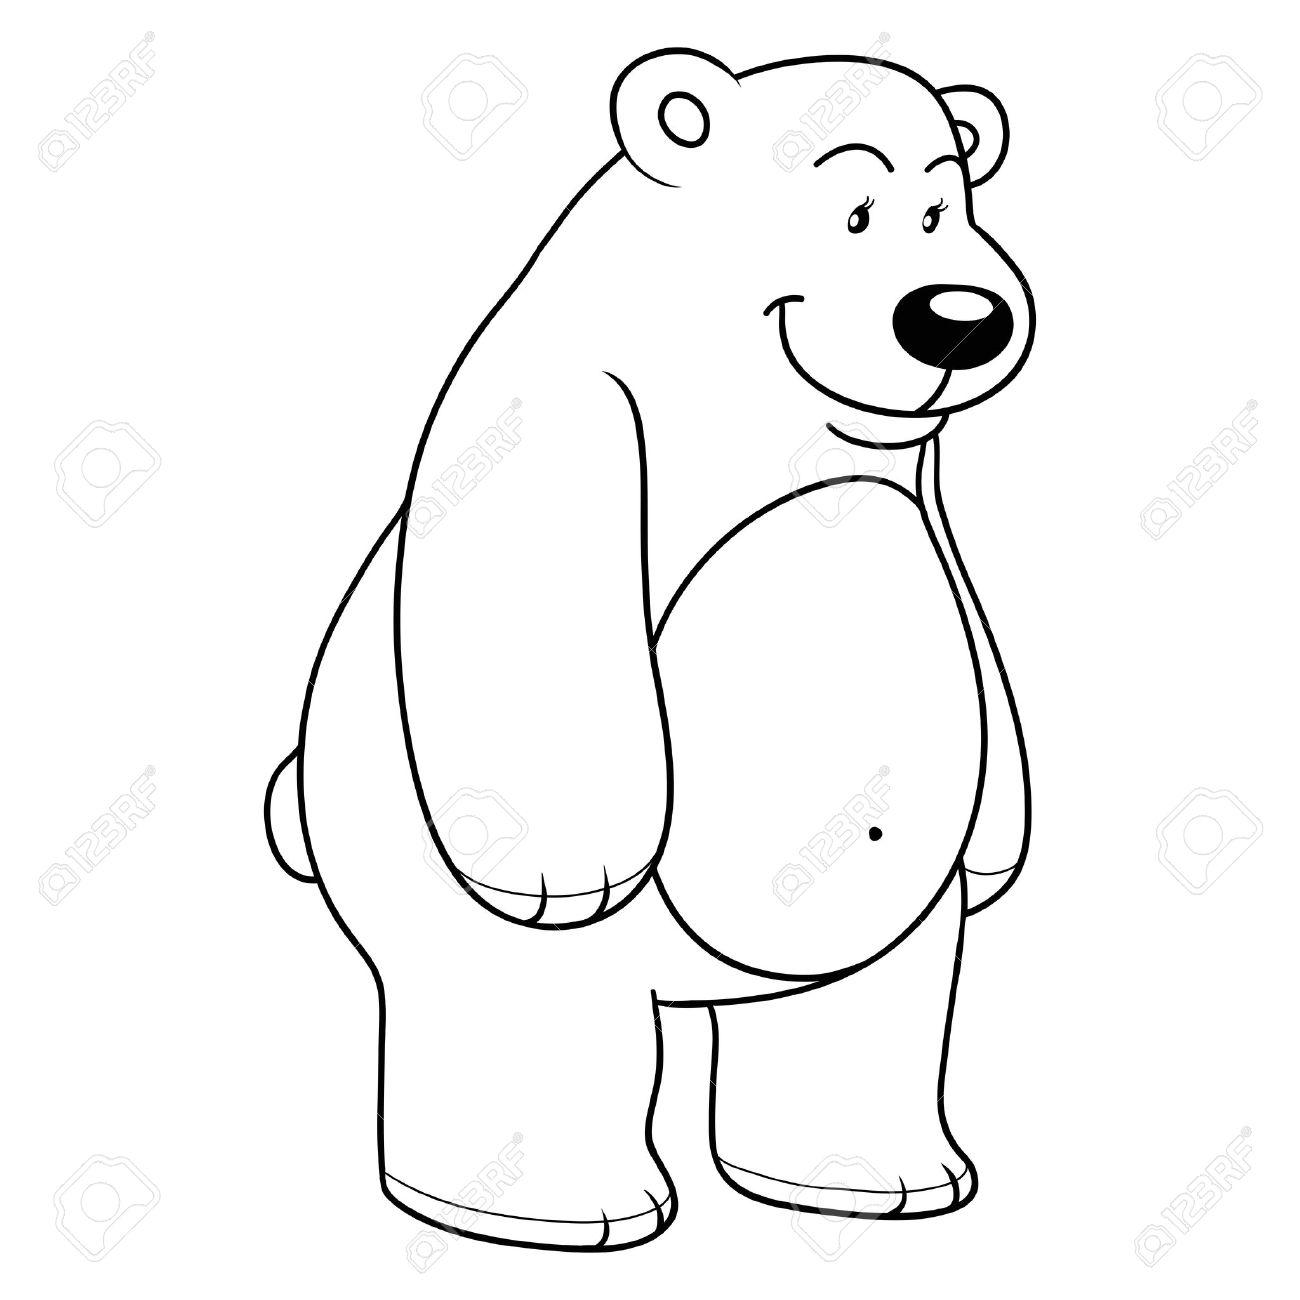 coloring book polar bear royalty free cliparts vectors and